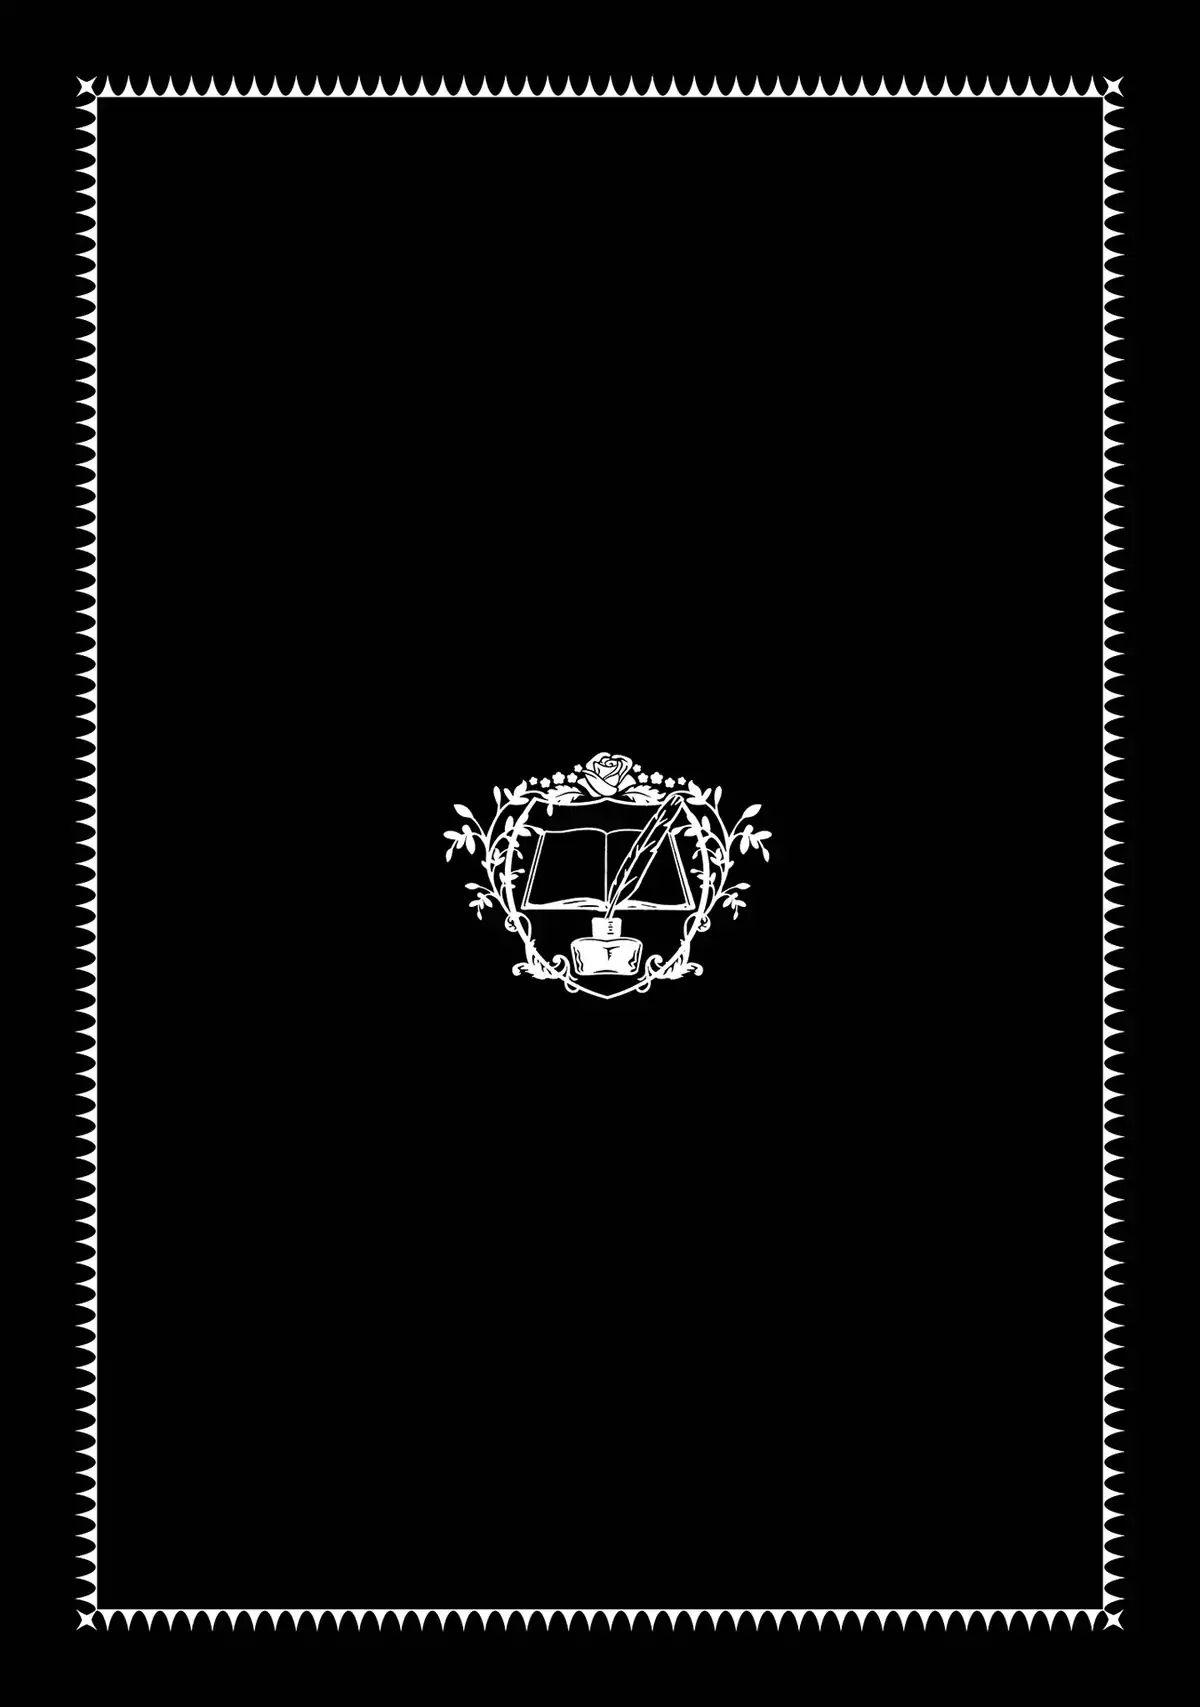 ascendance of a bookworm read online, ascendance of a bookworm kissanime, ascendance of a bookworm part 3, ascendance of a bookworm mal, ascendance of a bookworm mangadex, ascendance of a bookworm tv tropes, ascendance of a bookworm volume 1 pdf, ascendance of a bookworm where to watch, ascendance of a bookworm vrv, ascendance of a bookworm dvd, ascendance of a bookworm light novel volume 1, ascendance of a bookworm japanese cast, fruhtrane, ascendance of a bookworm episode 18, crunchyroll, ascendance of a bookworm lutz voice actor, ascendance of a bookworm, ascendance of a bookworm manga, ascendance of a bookworm season 2, ascendance of a bookworm light novel, ascendance of a bookworm wiki, ascendance of a bookworm anime, ascendance of a bookworm characters, ascendance of a bookworm episode 1, ascendance of a bookworm season 3 release date, anime like ascendance of a bookworm, read ascendance of a bookworm, Honzuki no Gekokujou: Shisho ni Naru Tame ni wa Shudan wo Erandeiraremasen, honzuki no gekokujou season 3, ascendance of a bookworm season 1, honzuki no gekokujou shisho ni naru tame ni wa shudan wo erandeiraremasen season 2 episode list, ascendance of a bookworm episodes, ascendance of a bookworm season 3, ascendance of a bookworm ferdinand, ascendance of a bookworm light novel pdf, ascendance of a bookworm novel, ascendance of a bookworm reddit, ascendance of a bookworm myne, ascendance of a bookworm gogoanime, honzuki no gekokujou season 2 episode 1, ascendance of a bookworm fanfiction, honzuki no gekokujou episode 1, ascendance of a bookworm episode 15, ascendance of a bookworm web novel, flying lines ascendance of a bookworm, ascendance of a bookworm volume 7, ascendance of a bookworm raw, ascendance of a bookworm: part 2 volume 1, honzuki no gekokujou: shisho ni naru tame ni wa shudan wo erandeiraremasen, honzuki no gekokujou shisho ni naru tame ni wa shudan wo erandeiraremasen مترجم, honzuki no gekokujou shisho ni naru tame ni wa shudan wo erandeiraremase